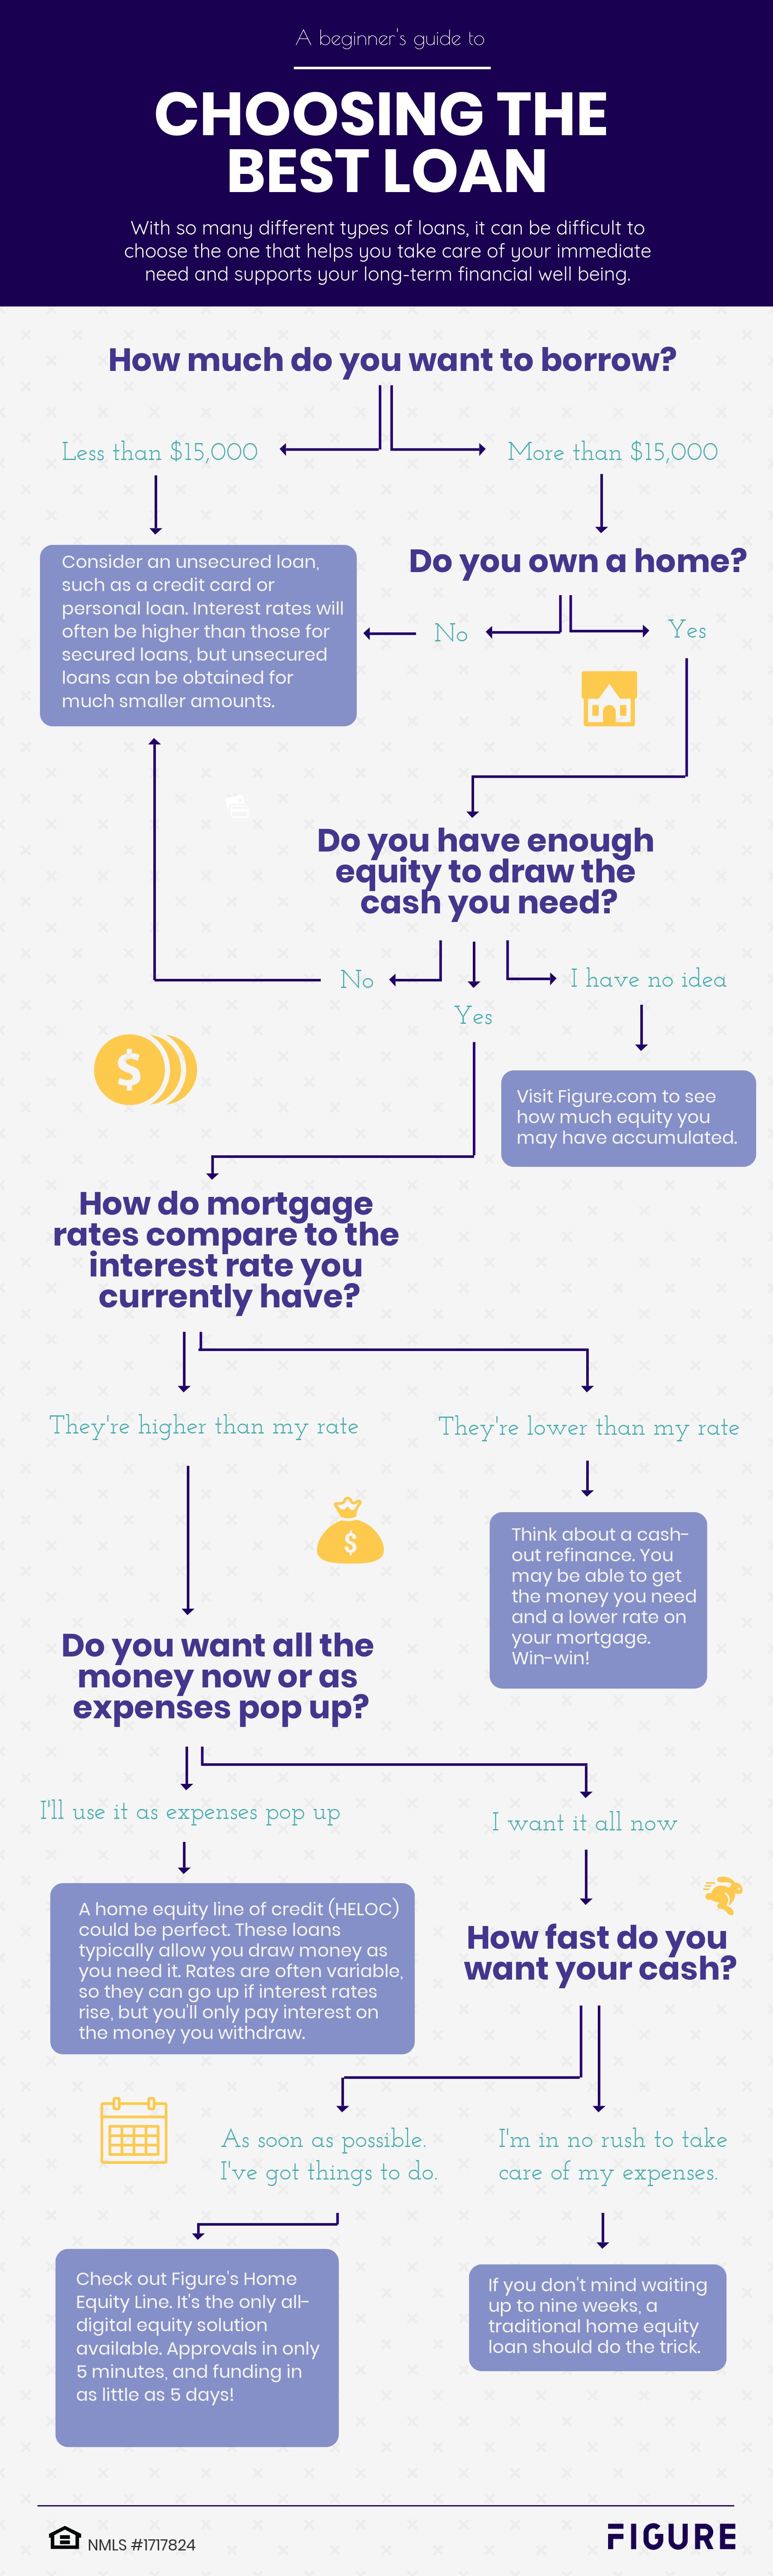 A Guide To Choosing The Best Loan Best Loans Loan Types Of Loans